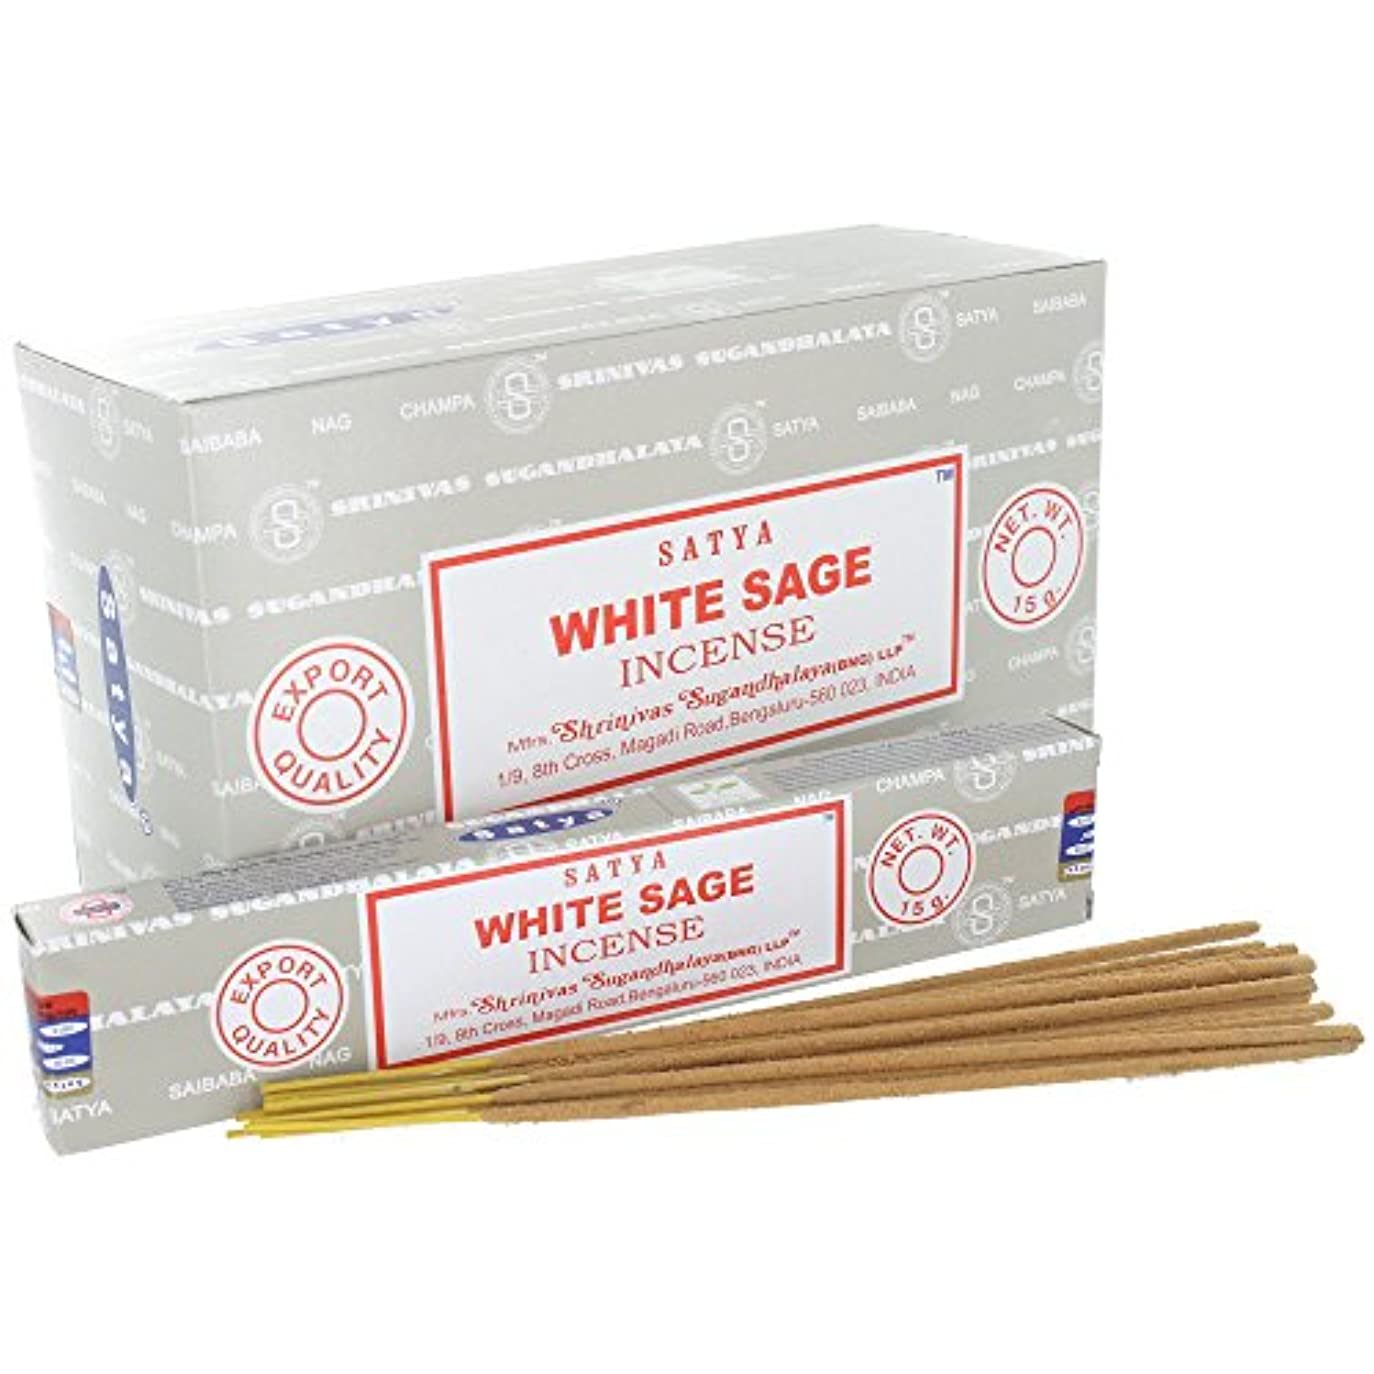 レコーダー縁石著者Satya White Sage Incense Sticks (Box) 15g X 12 = 180g